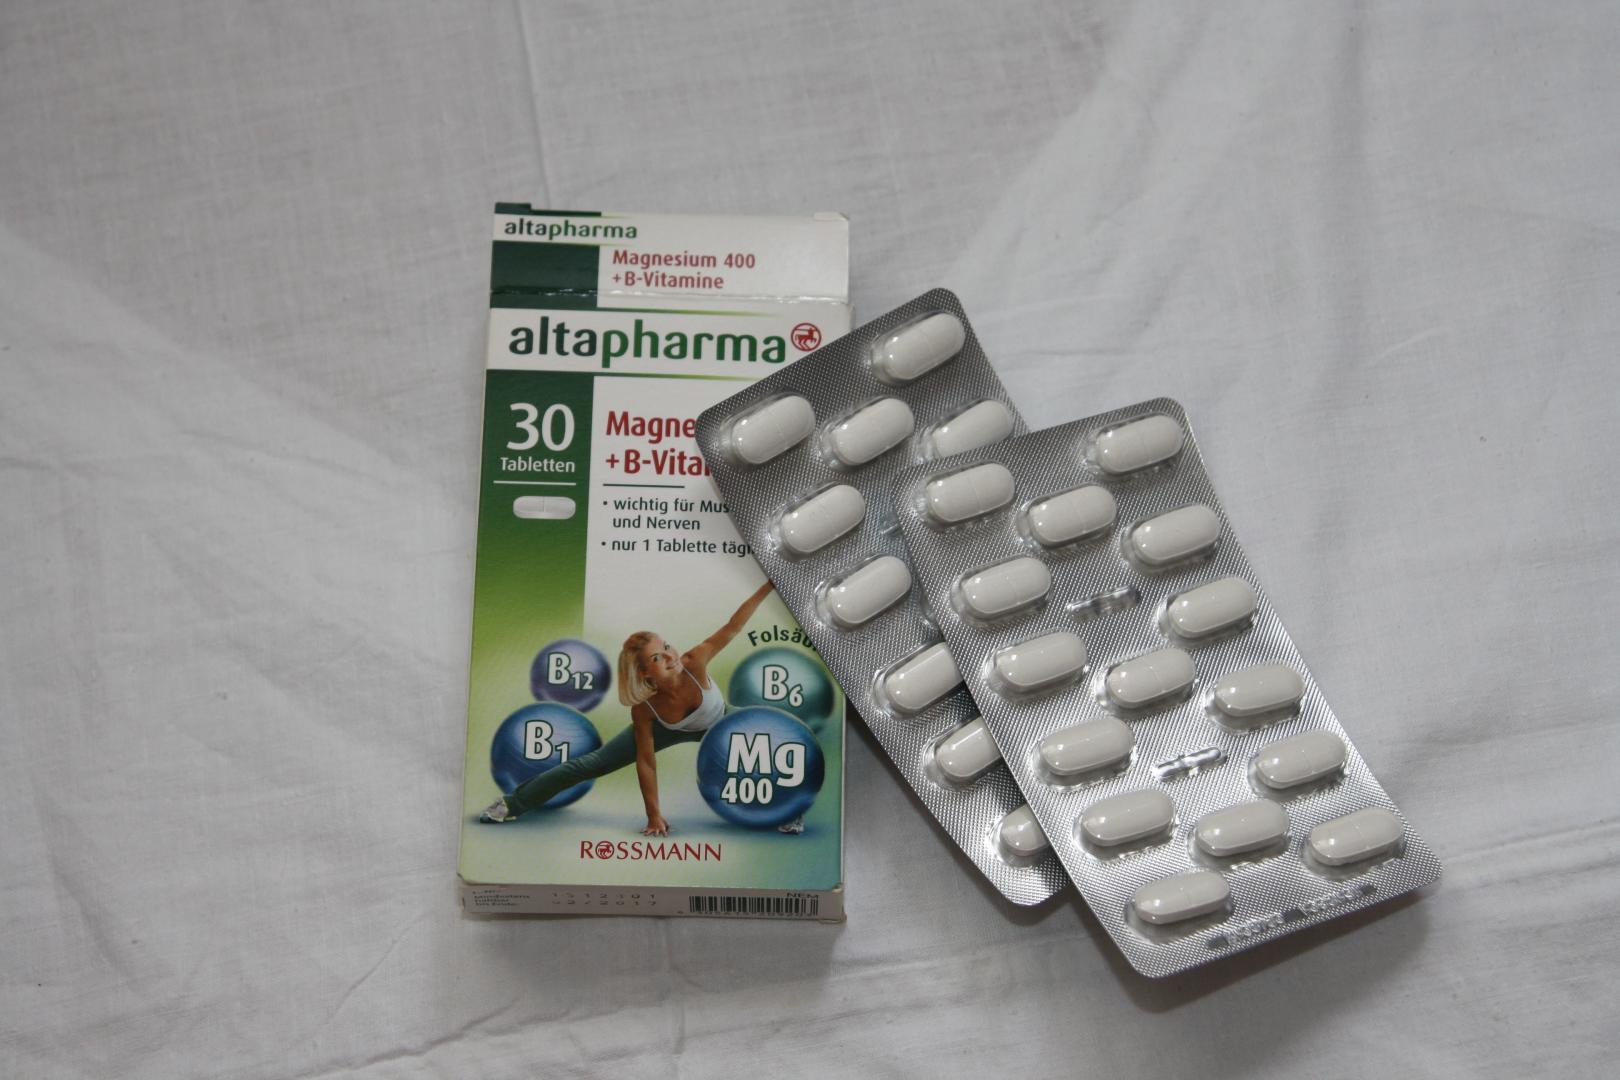 Отзыв на Altapharma Магний 400  Витамины Группы В из Интернет-Магазина ROSSMANN